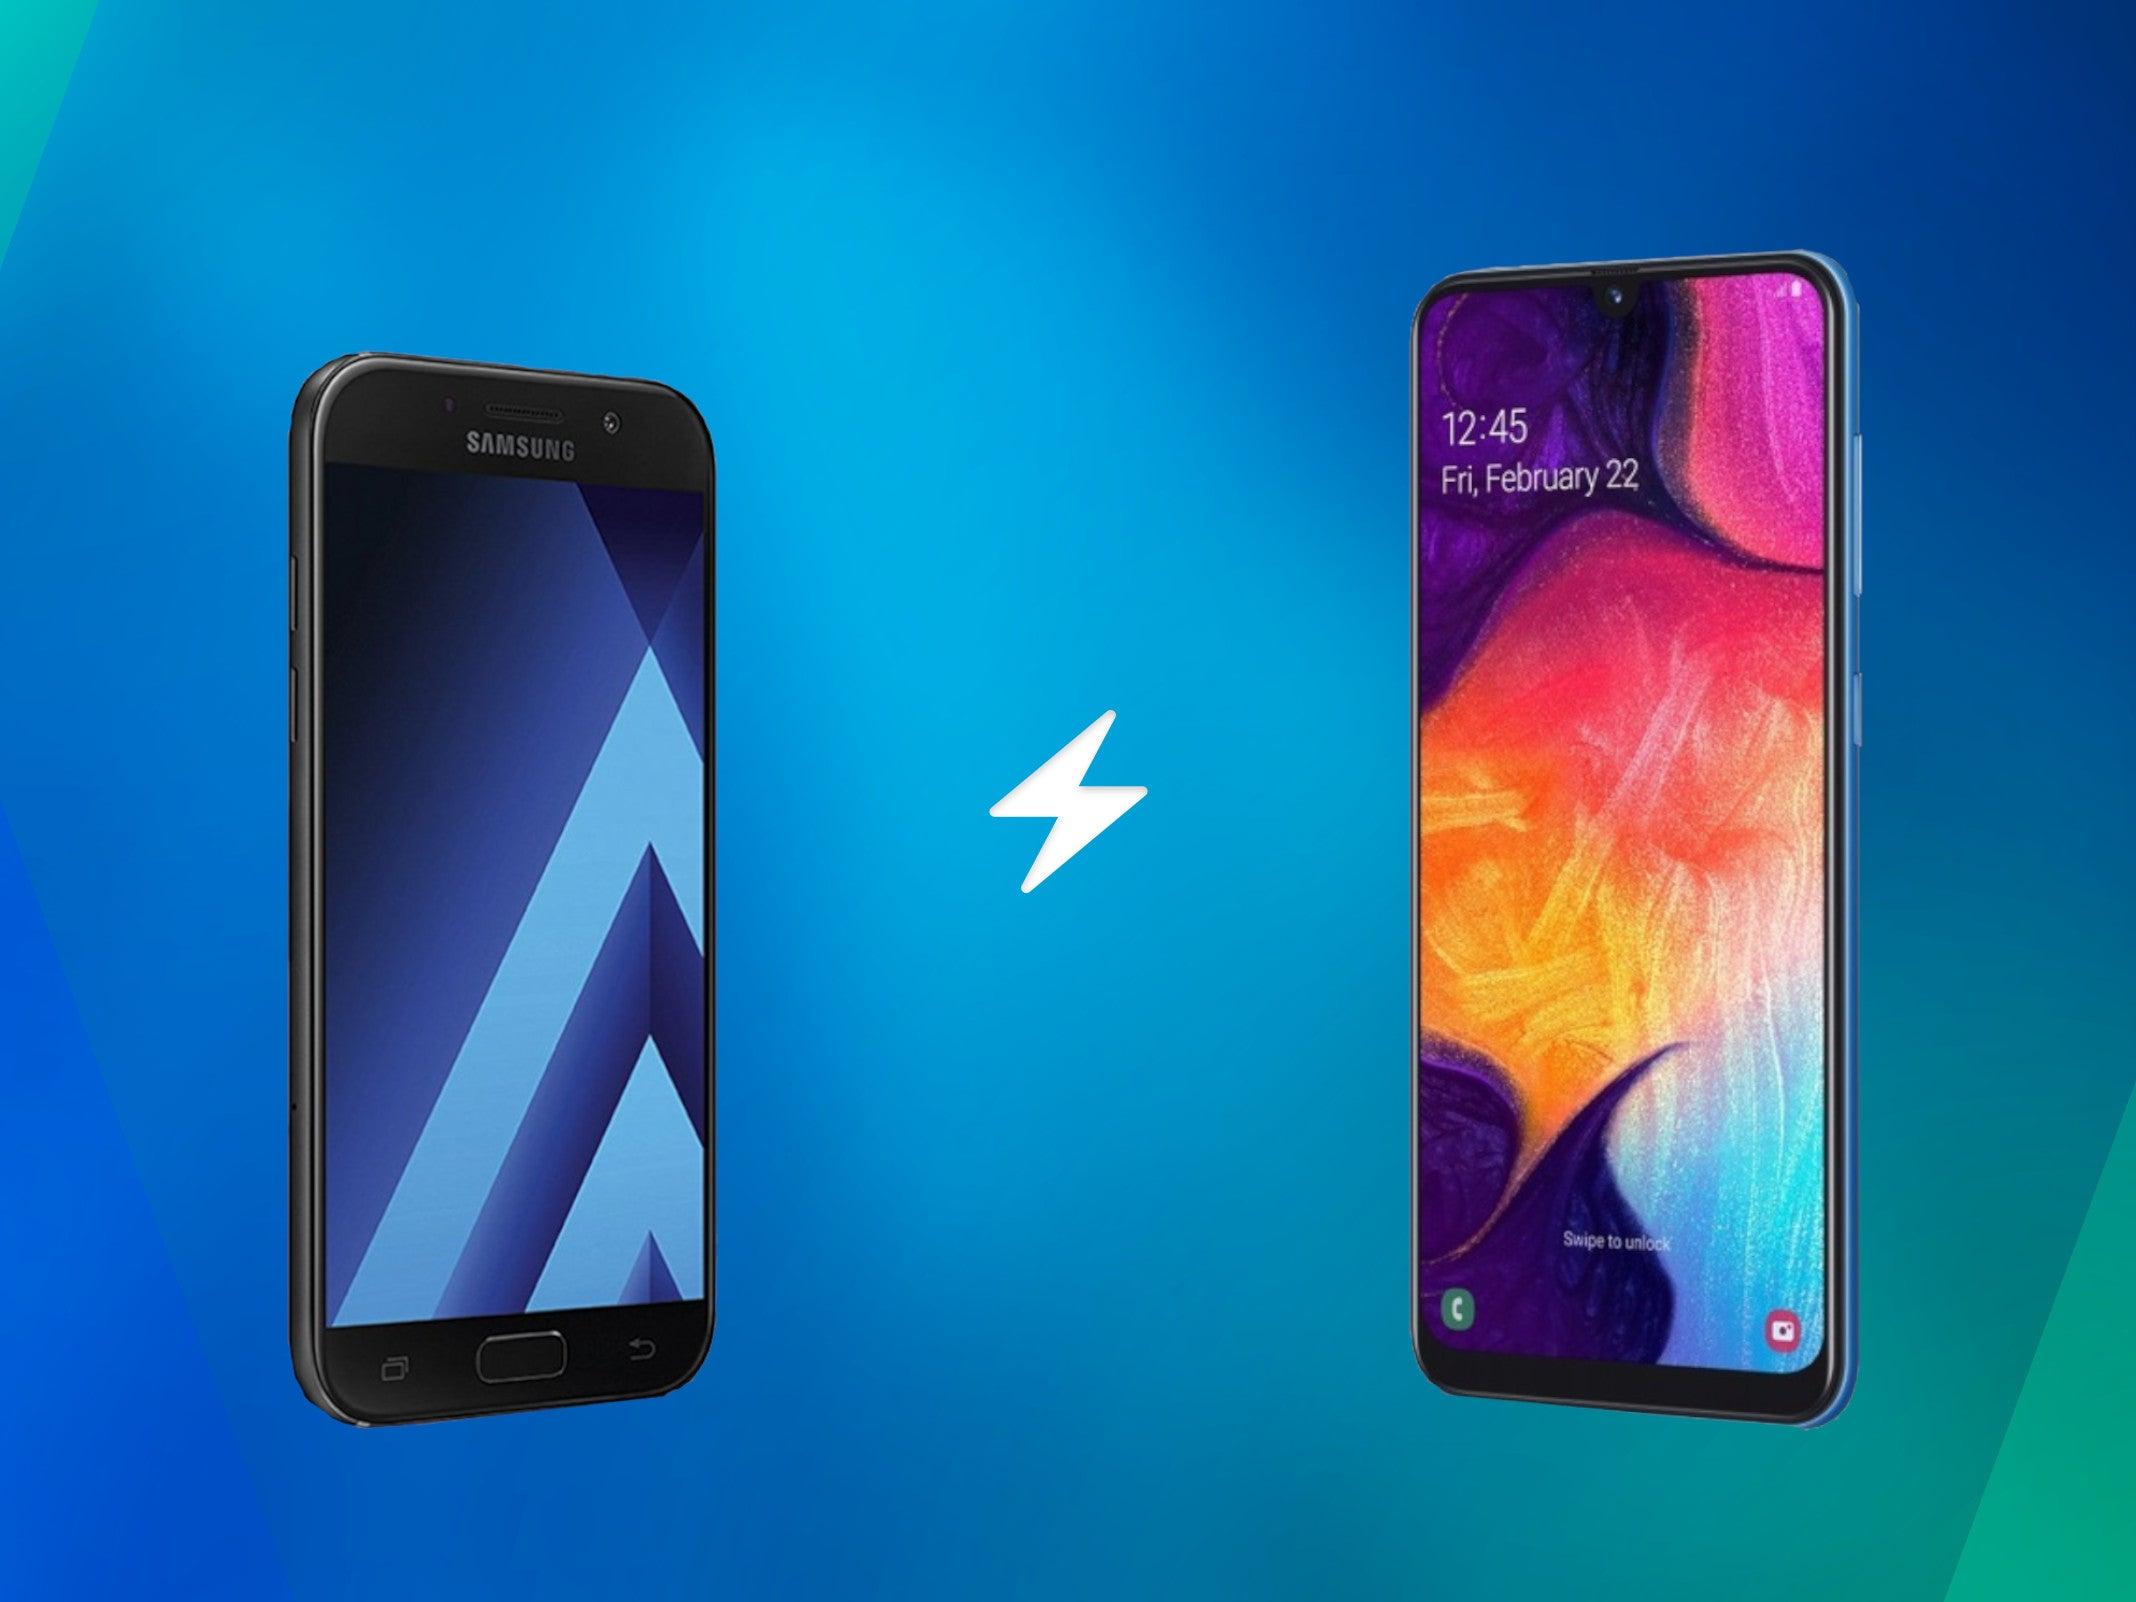 Samsung Galaxy A5 (2017) vs. Galaxy A50